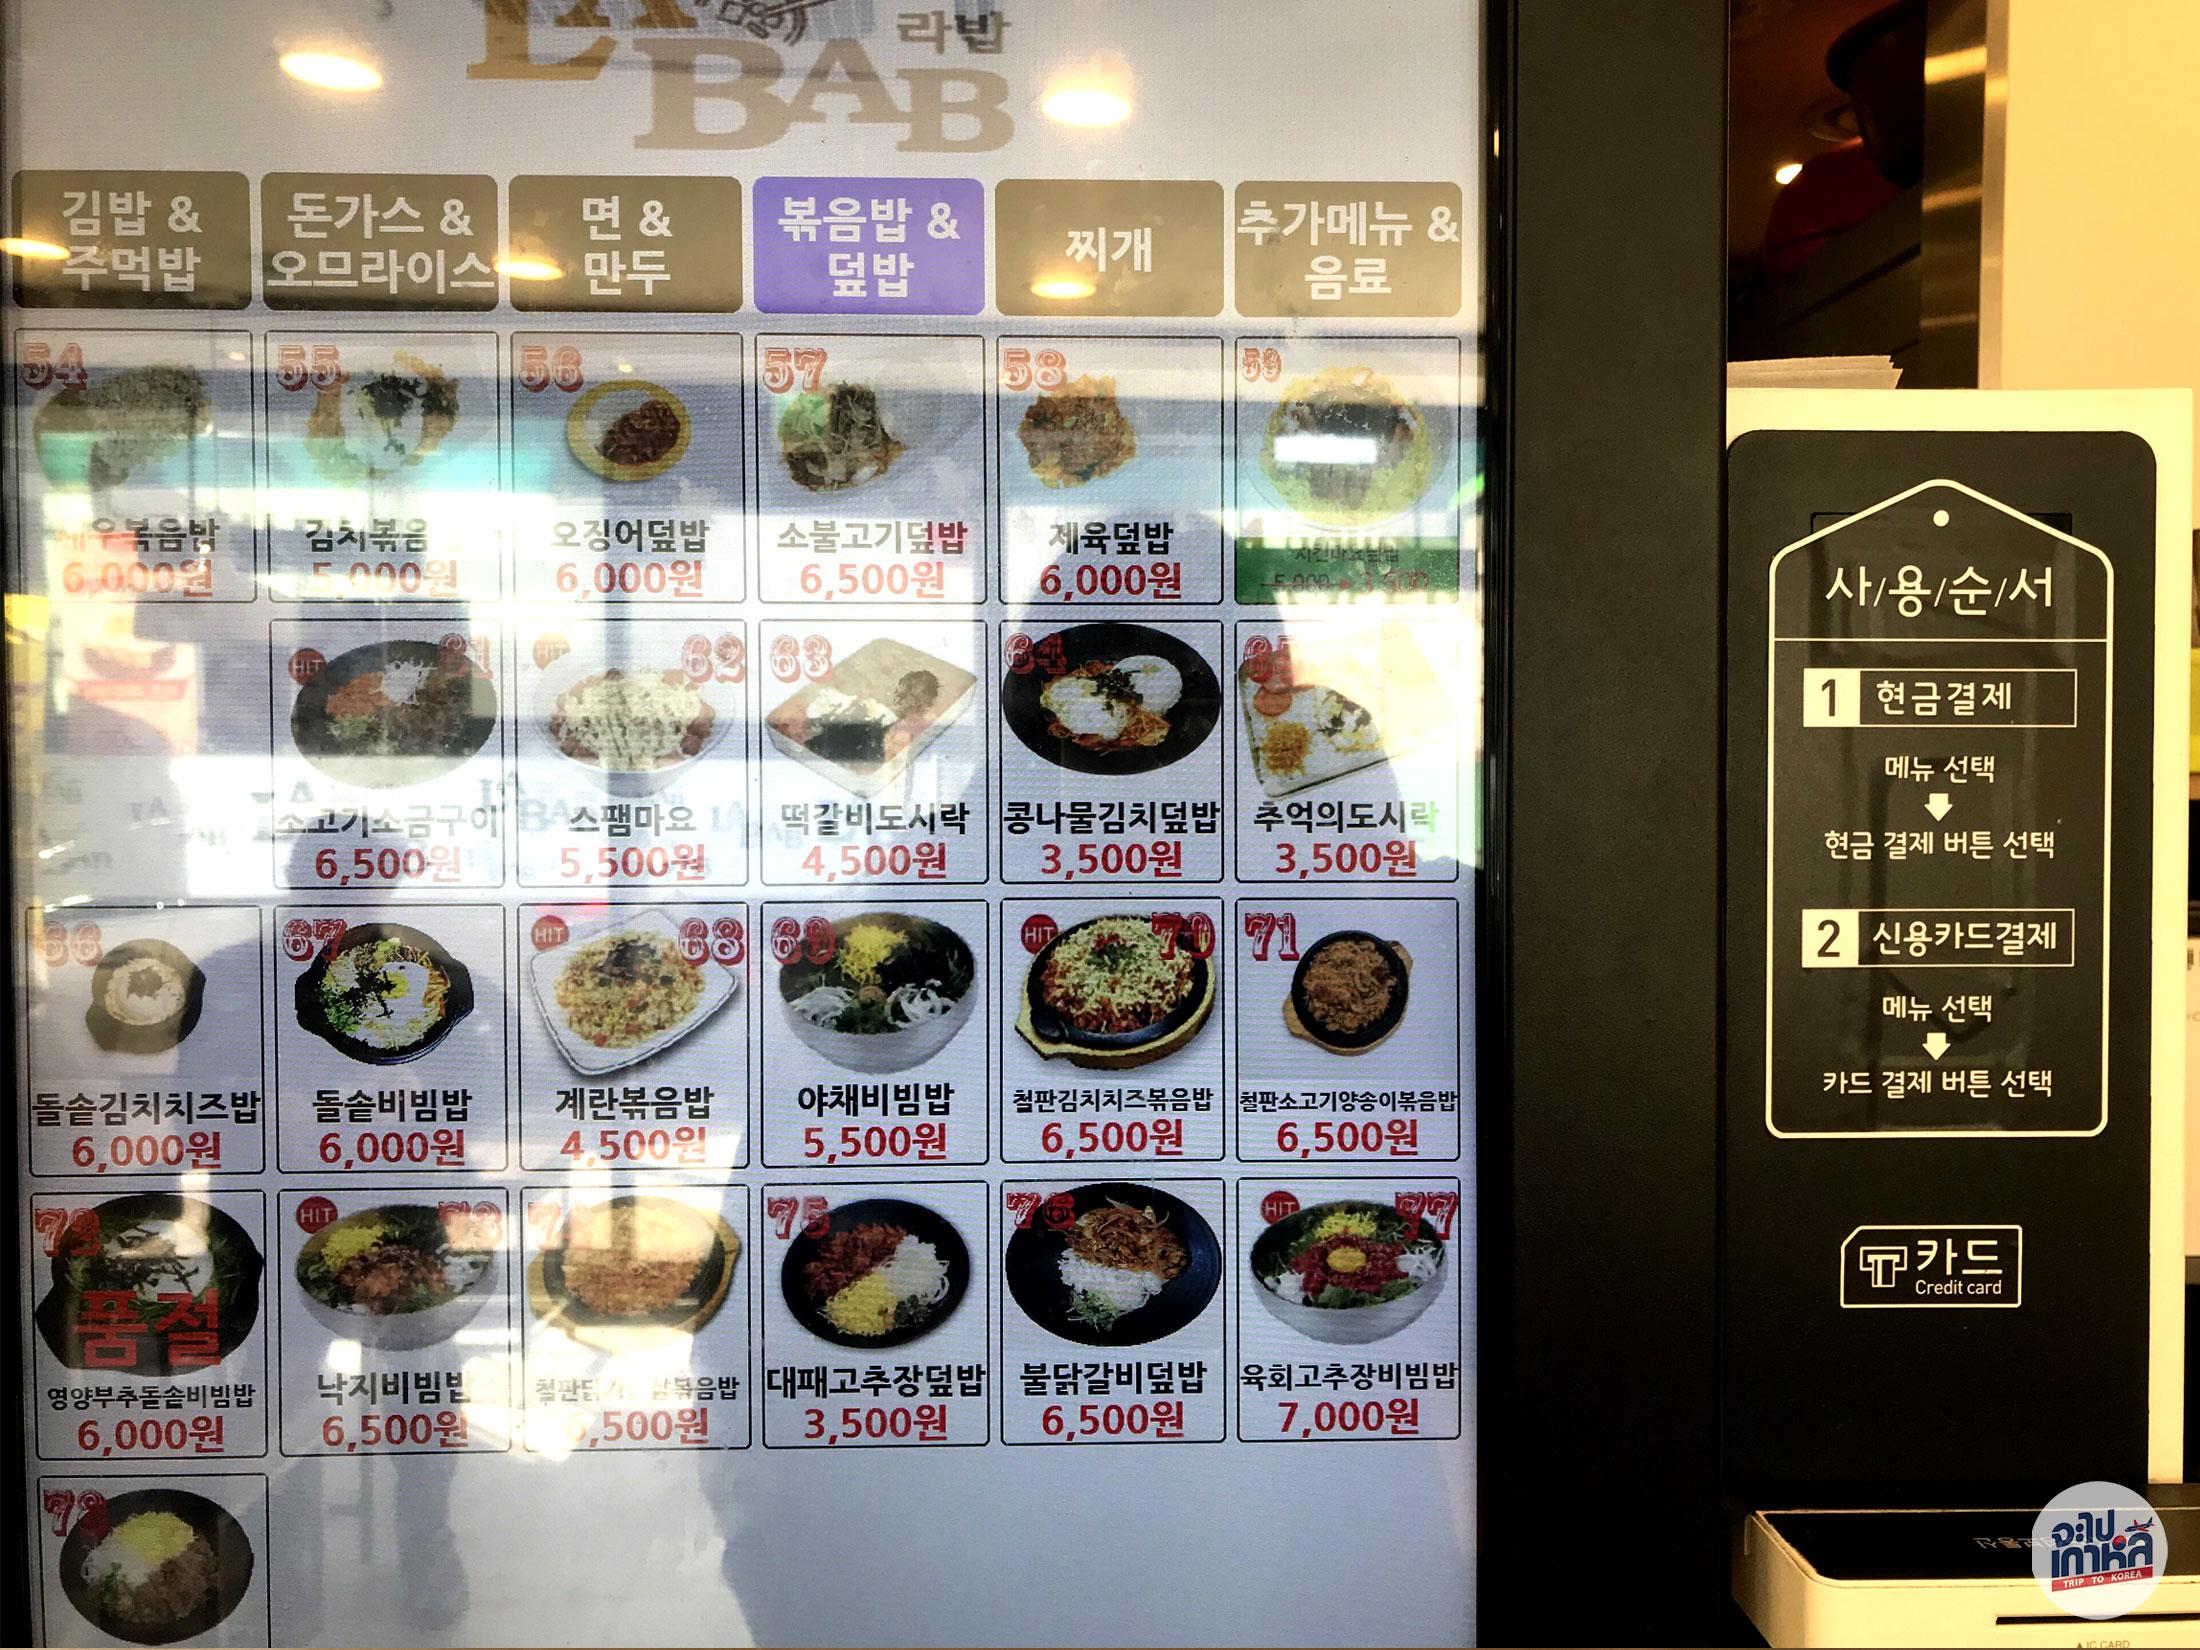 ตู้สั่งอาหาร ภาษาเกาหลี